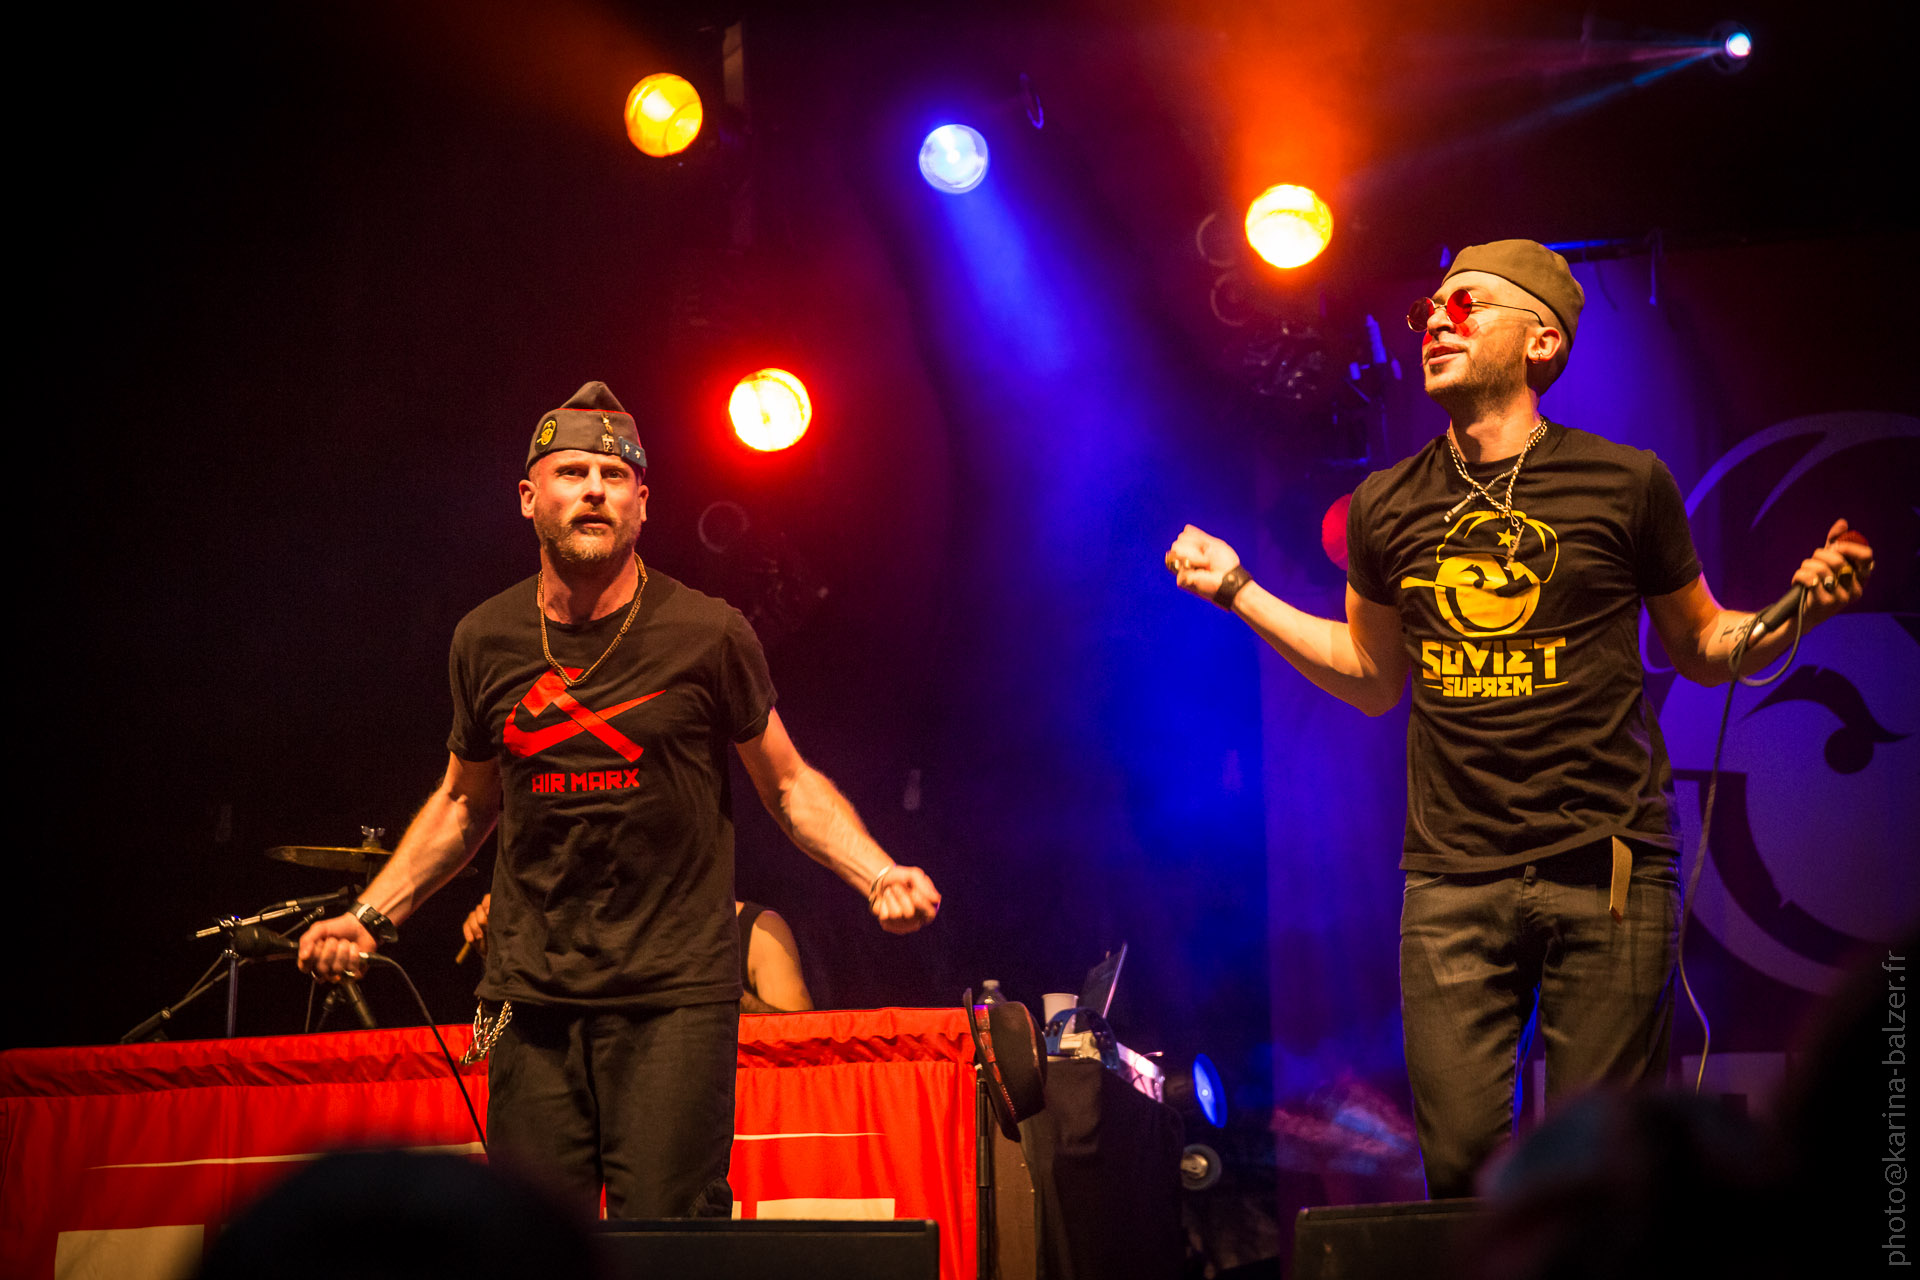 Concert SOVIET SUPREM, fêtes des vendages Suresnes 2015, photographe: Karina Balzer